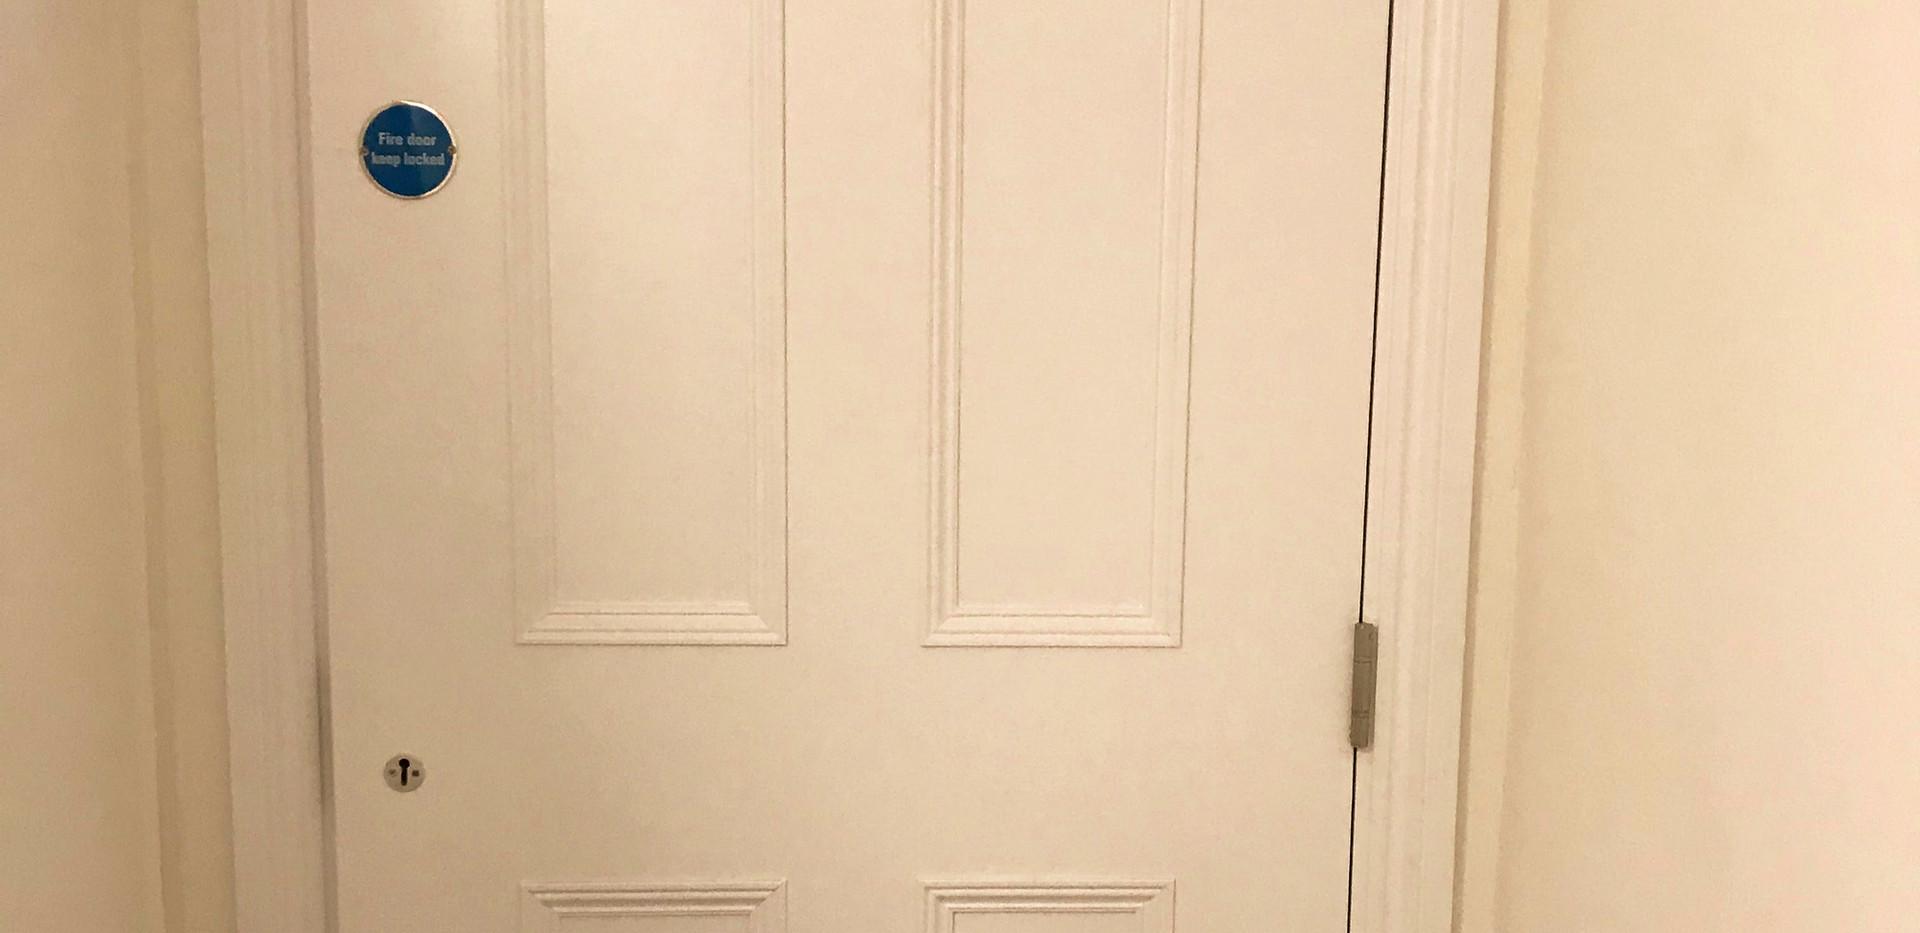 Fire door that looks like an average door